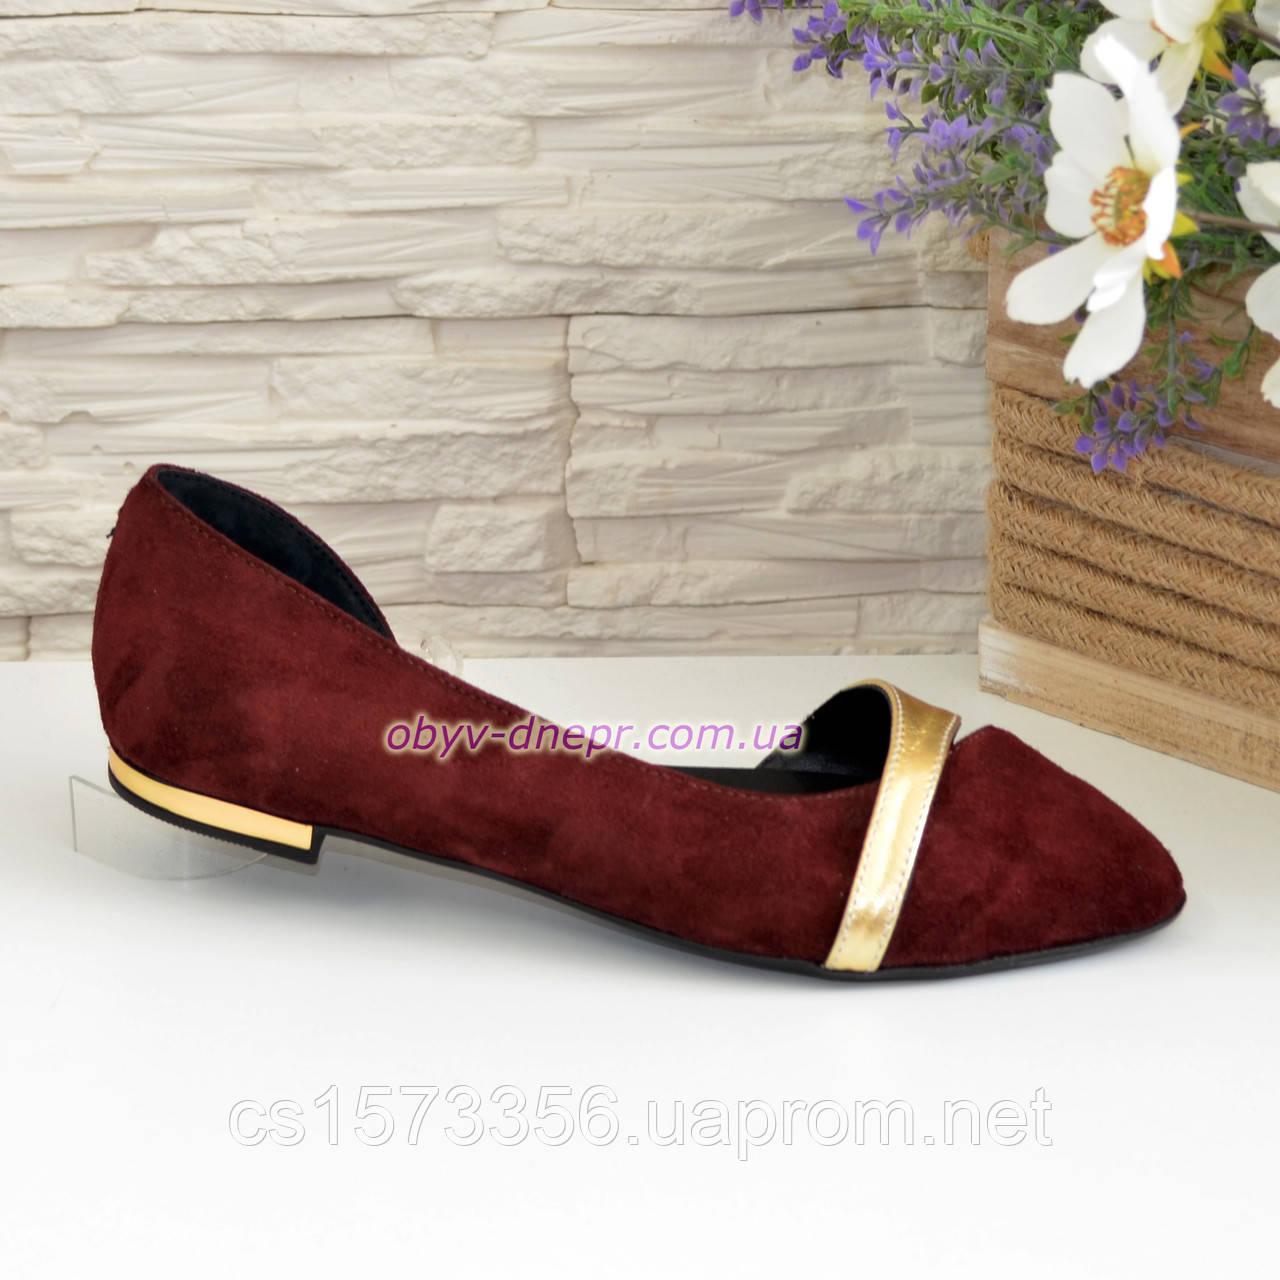 Замшевые женские туфли на низком ходу. Цвет бордо, золото